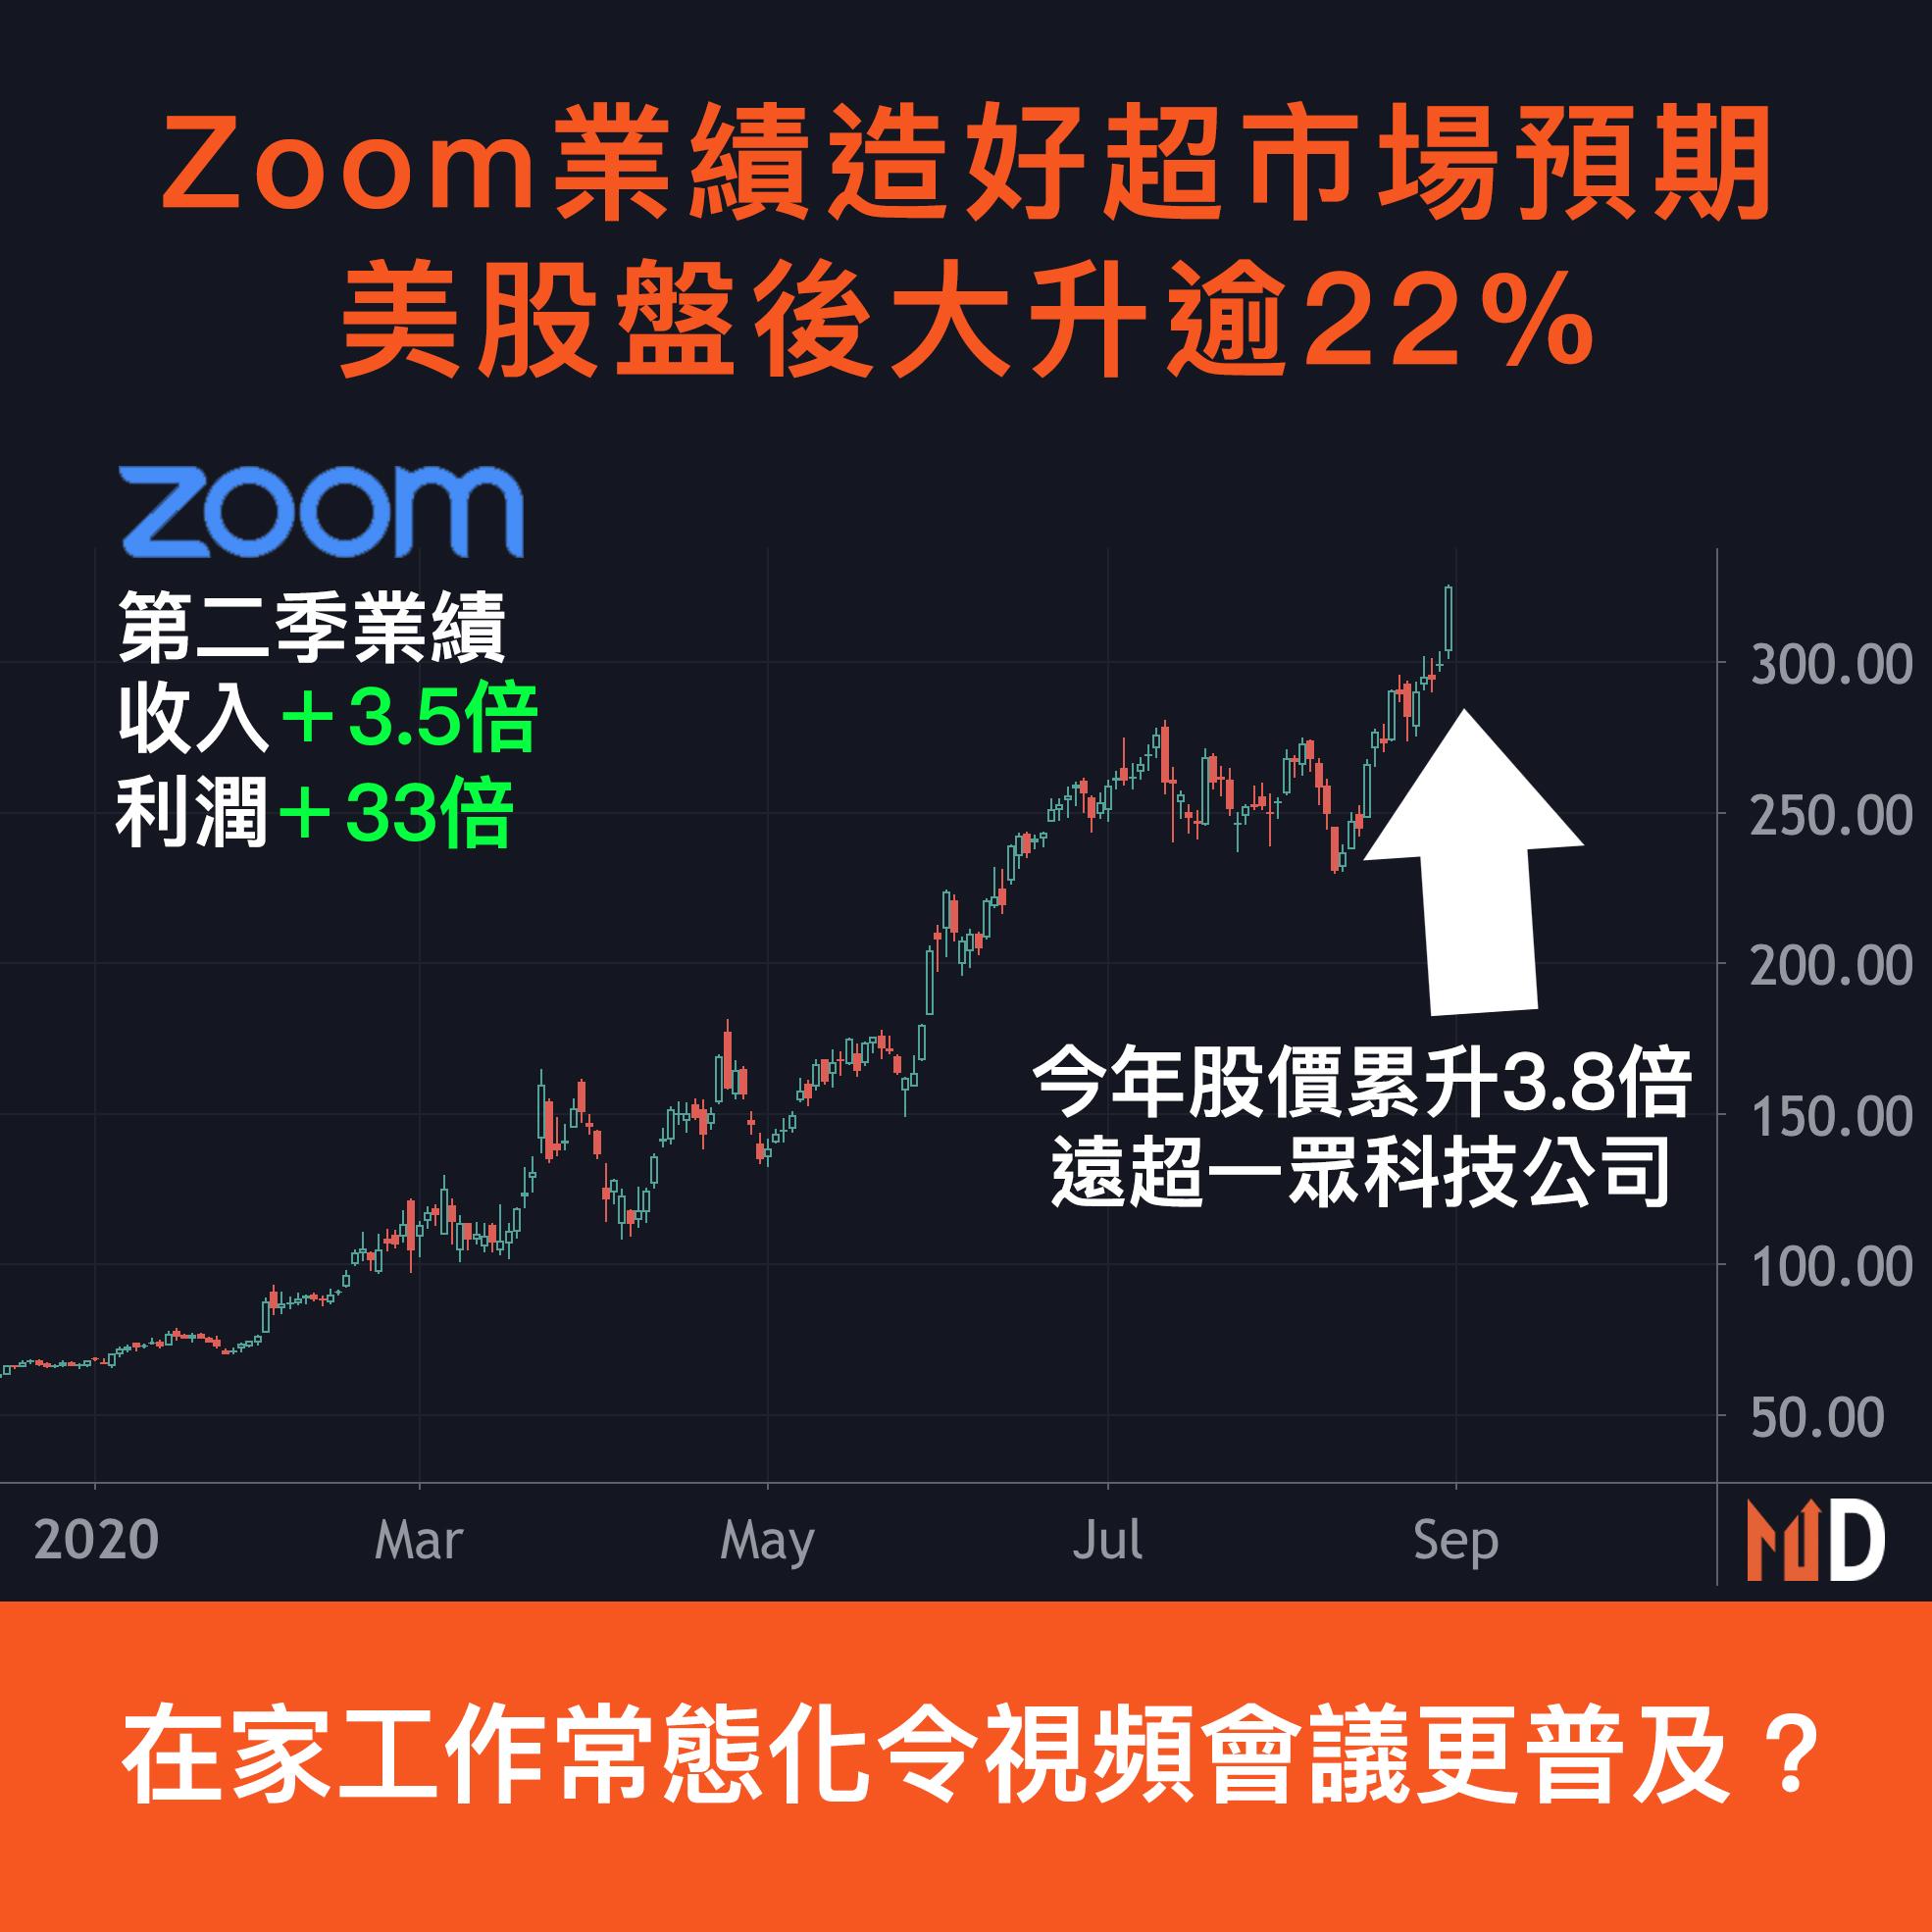 【市場熱話】Zoom業績造好超市場預期,美股盤後大升逾22%